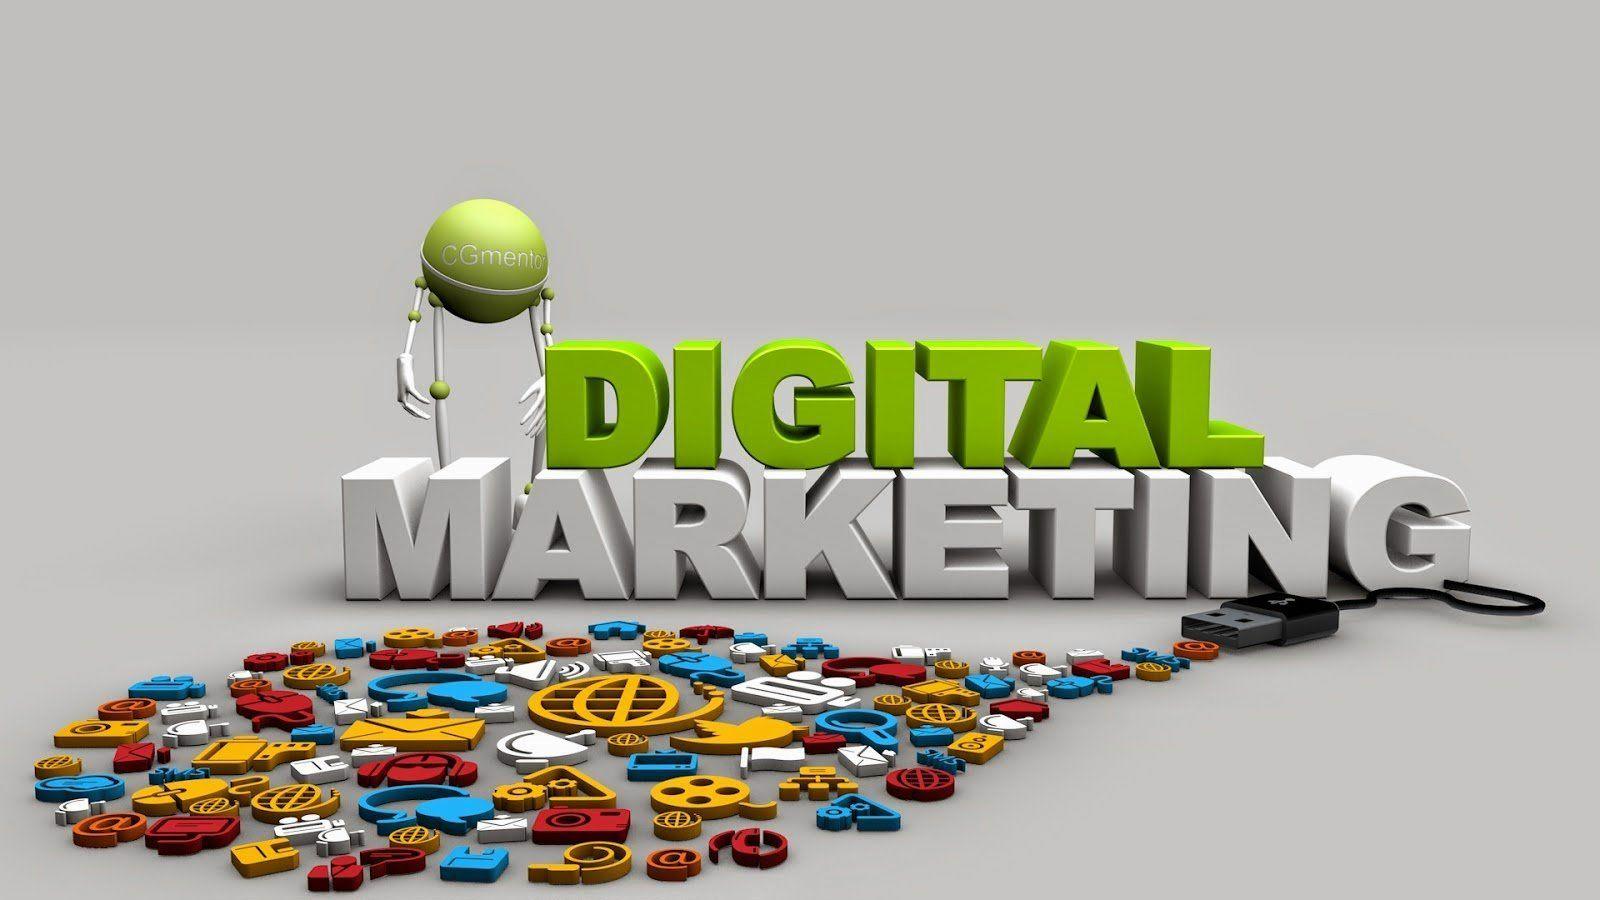 digital-marketing-cgmentor-inc-toronto-canada-digital-marketing